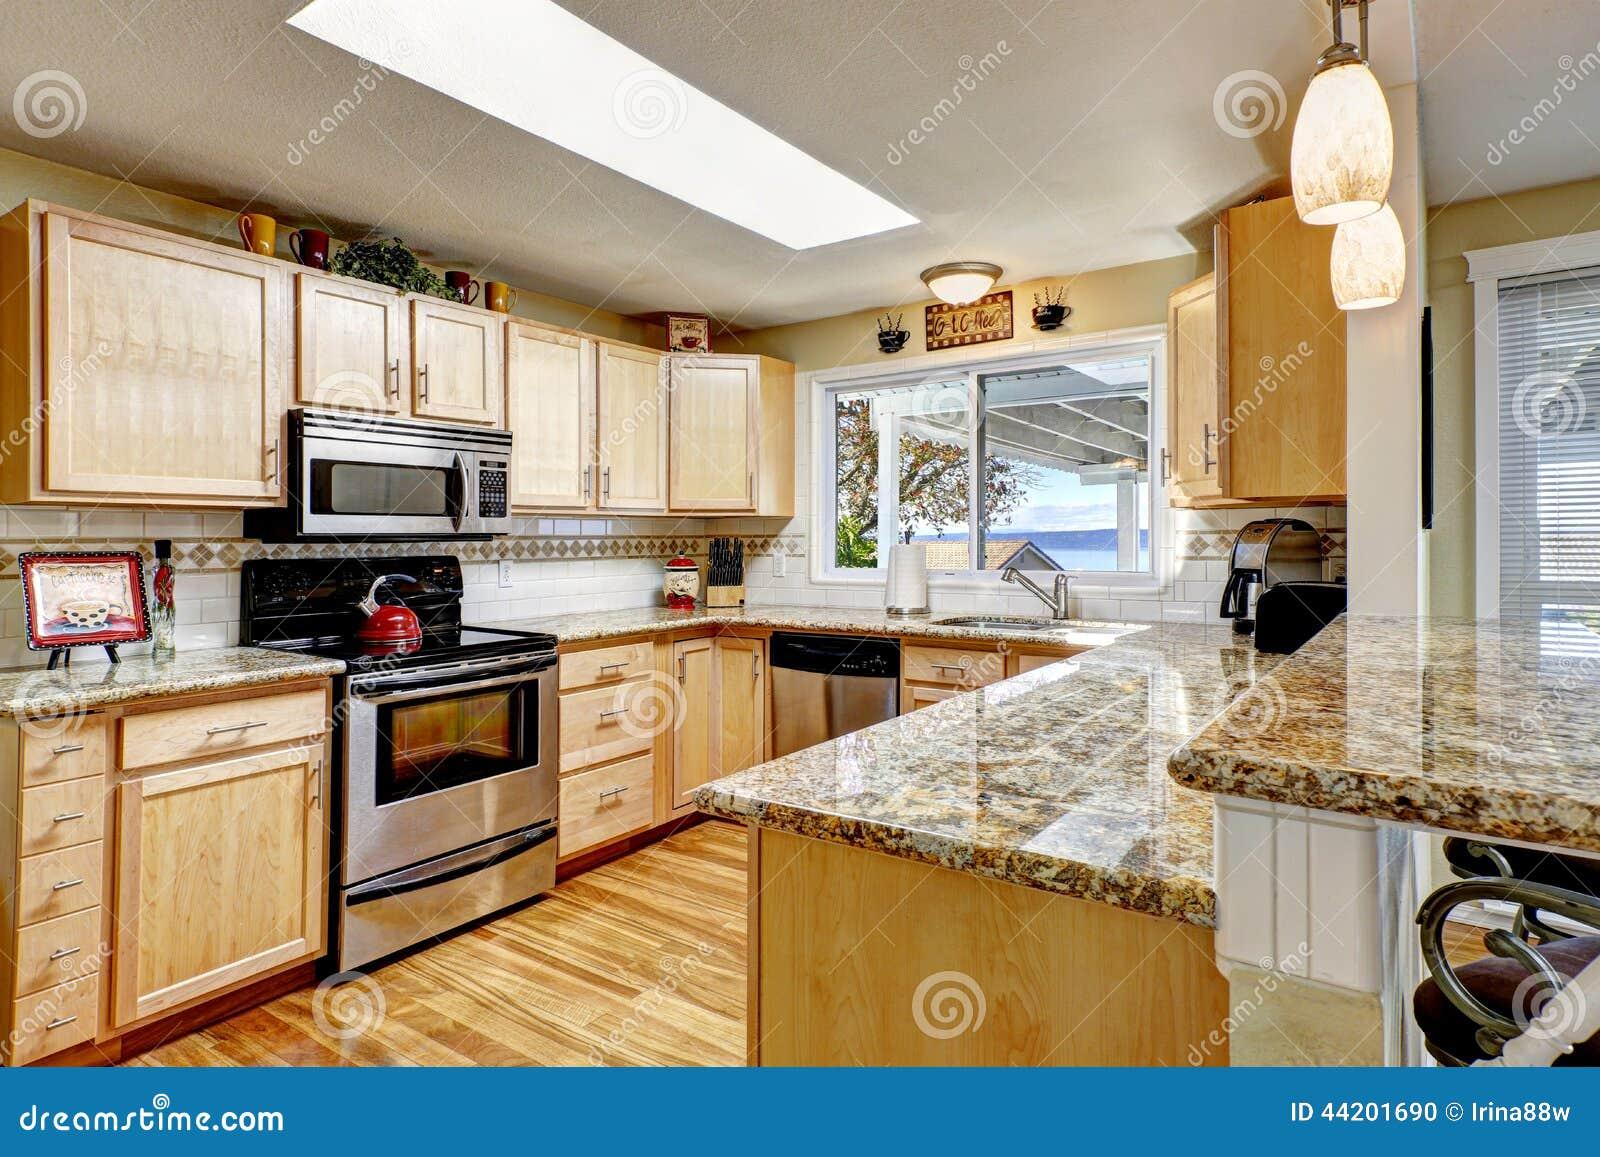 #754018 Sala brilhante da cozinha com assoalho de folhosa os armários de  1300x957 px Planos De Armários De Cozinha_993 Imagens